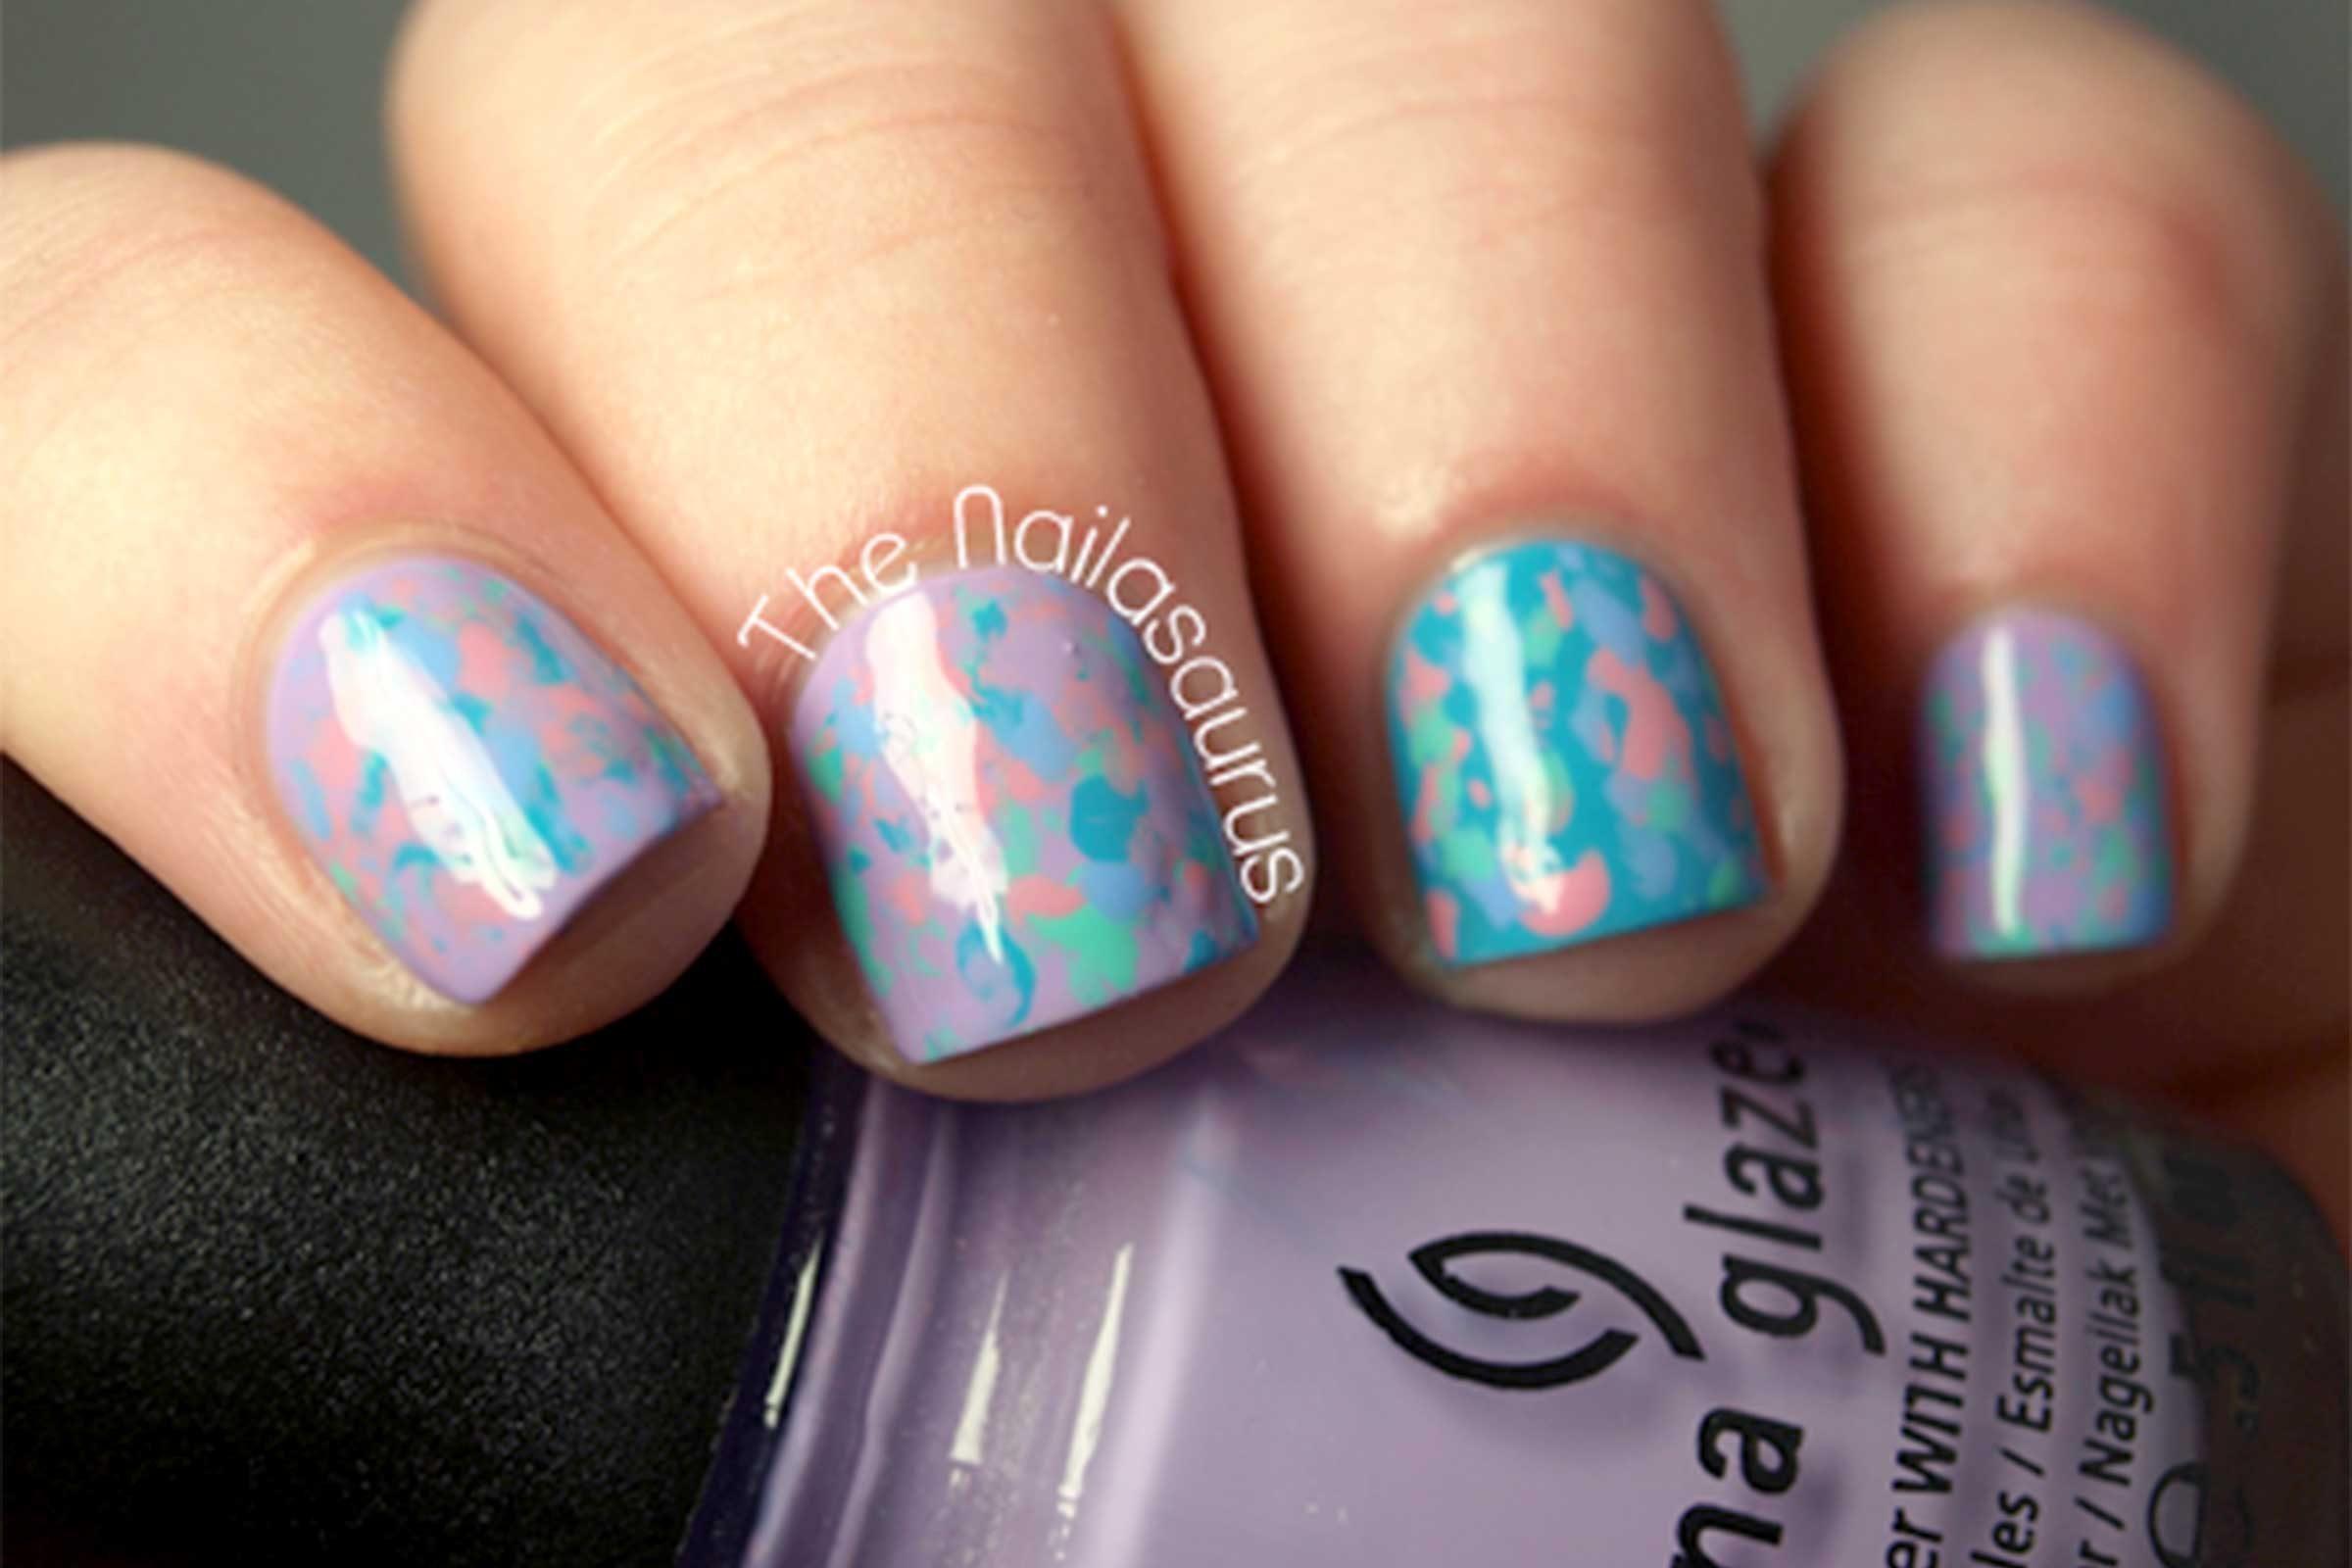 Pin By Pretti Genius On Nails Art T Nails Nail Art And Nail